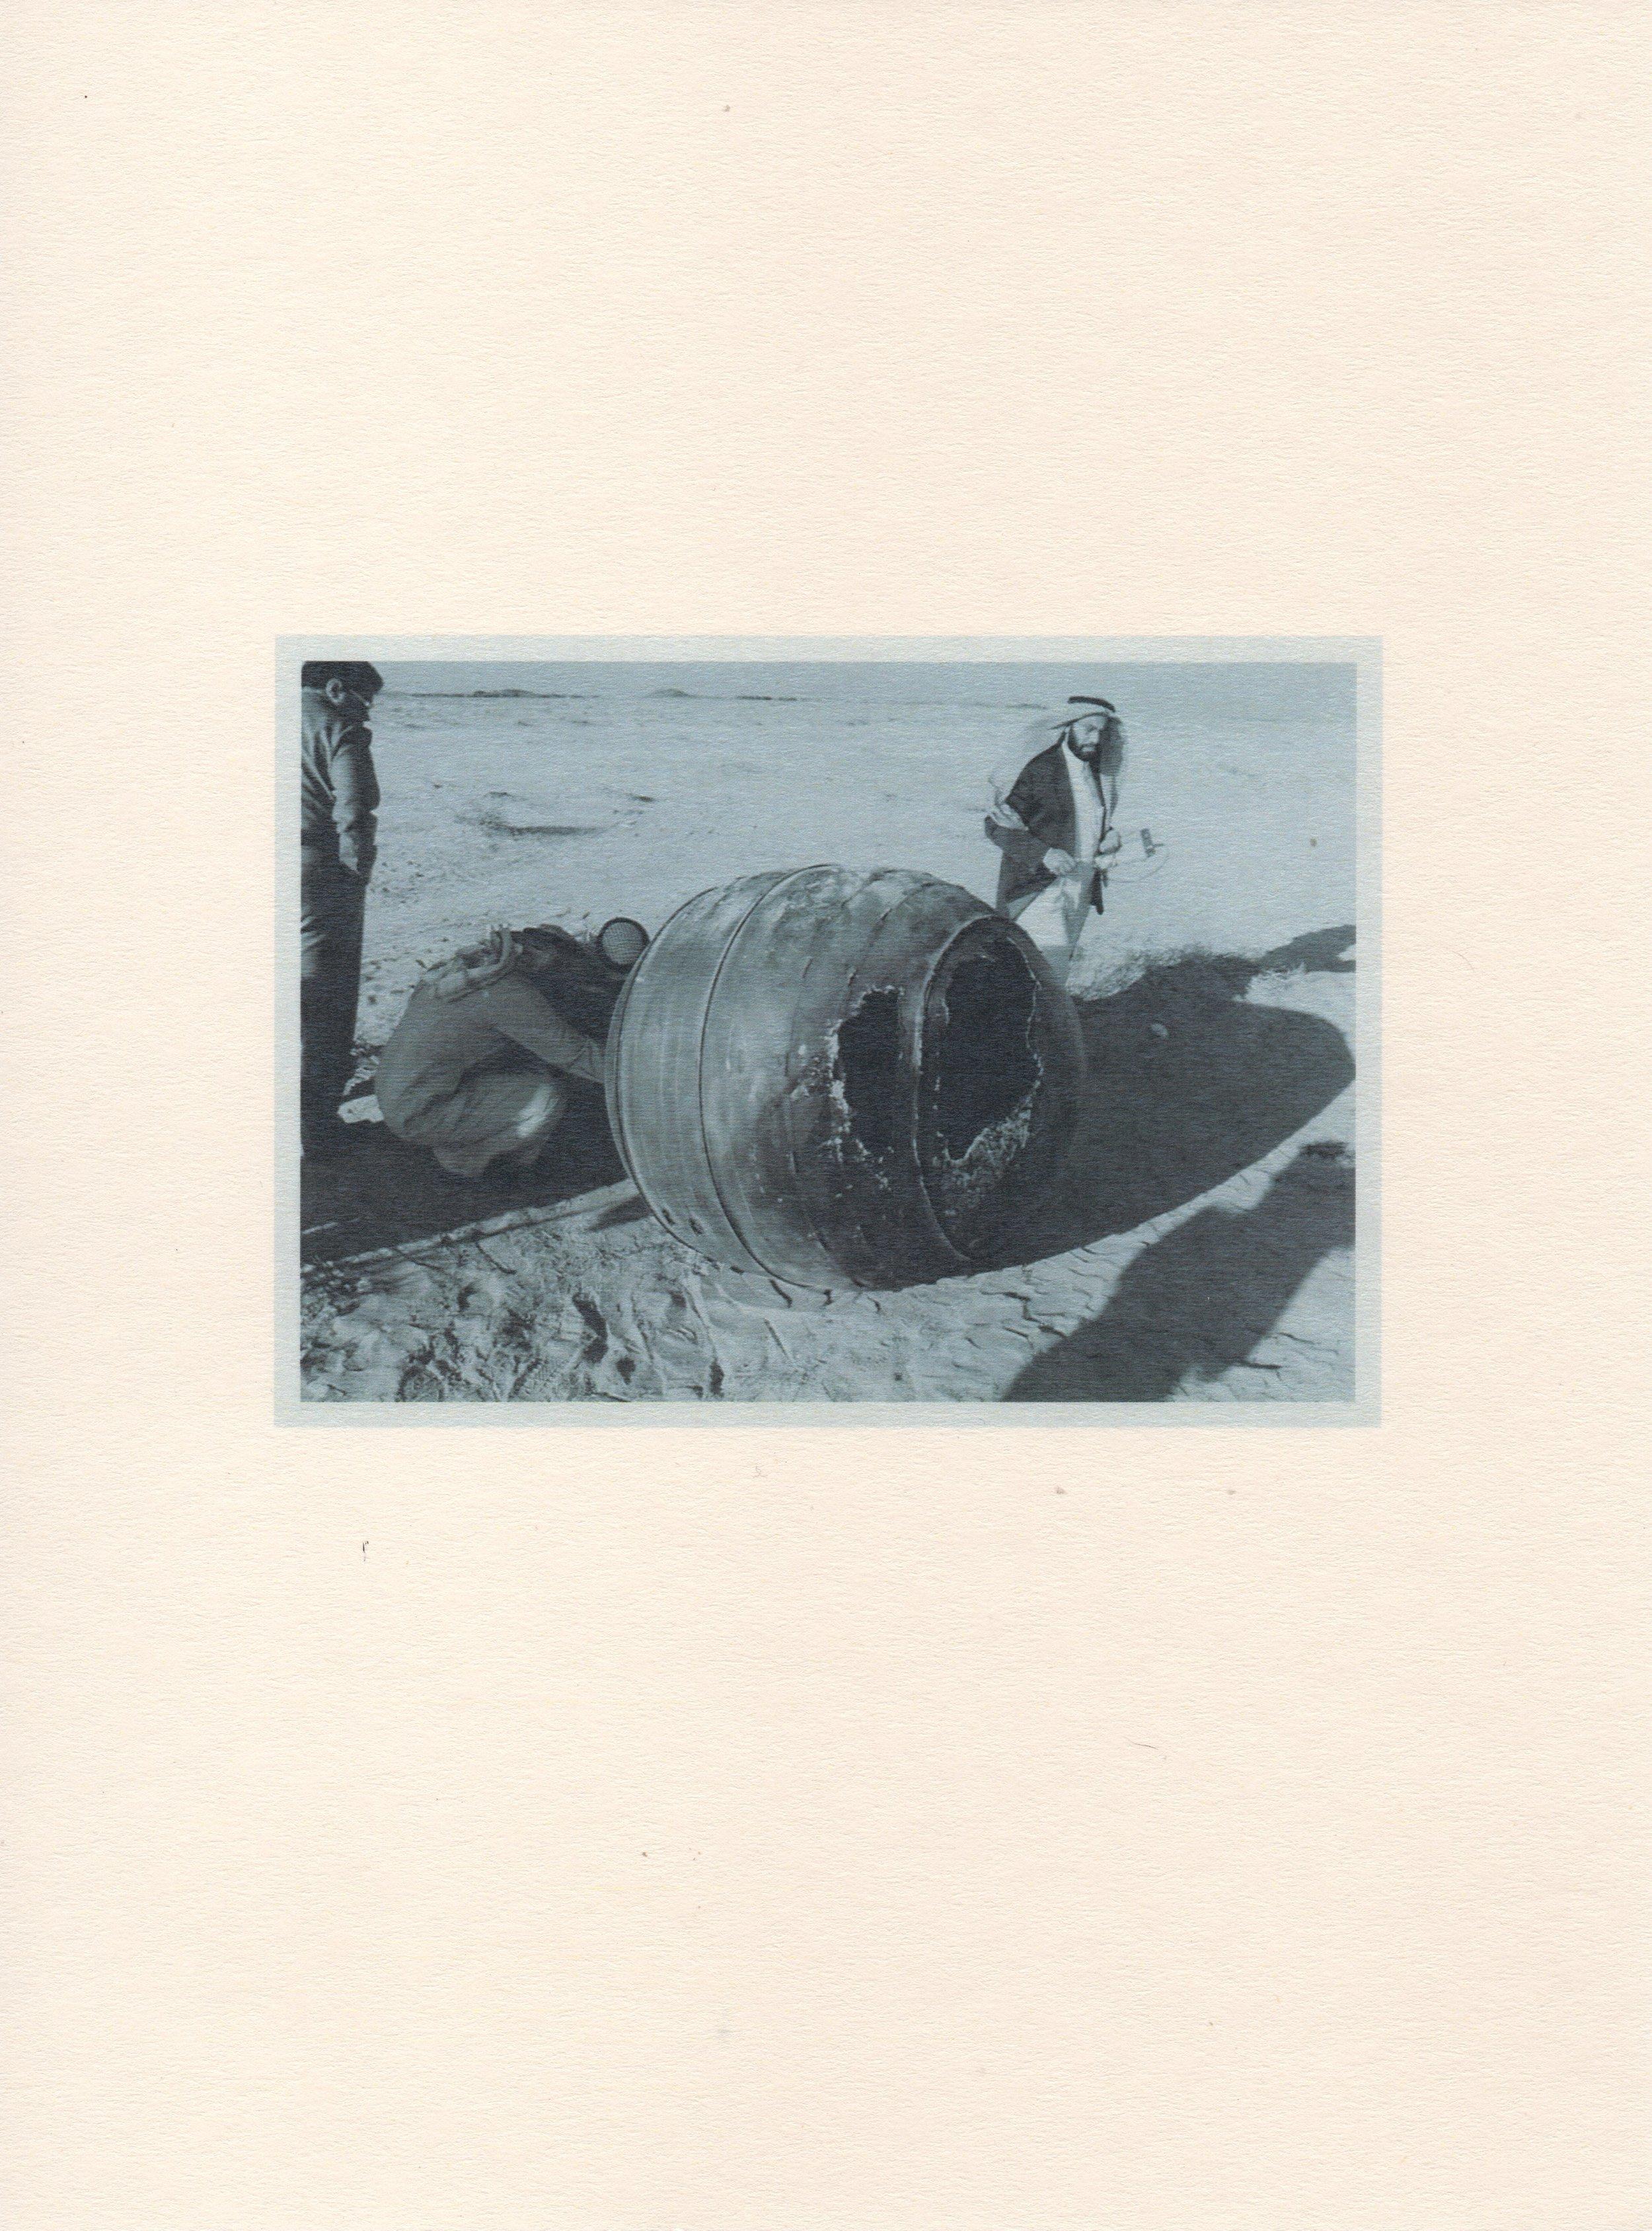 """""""Caídos del cielo""""   impresión digital + piedra Goetita Ematite   Impresión: 17 x 20,7 cm ; Piedra: 4,5 x 4 x 4 cm   Serie de 61 impresiones   2015  ARABIA SAUDITA, 2001"""